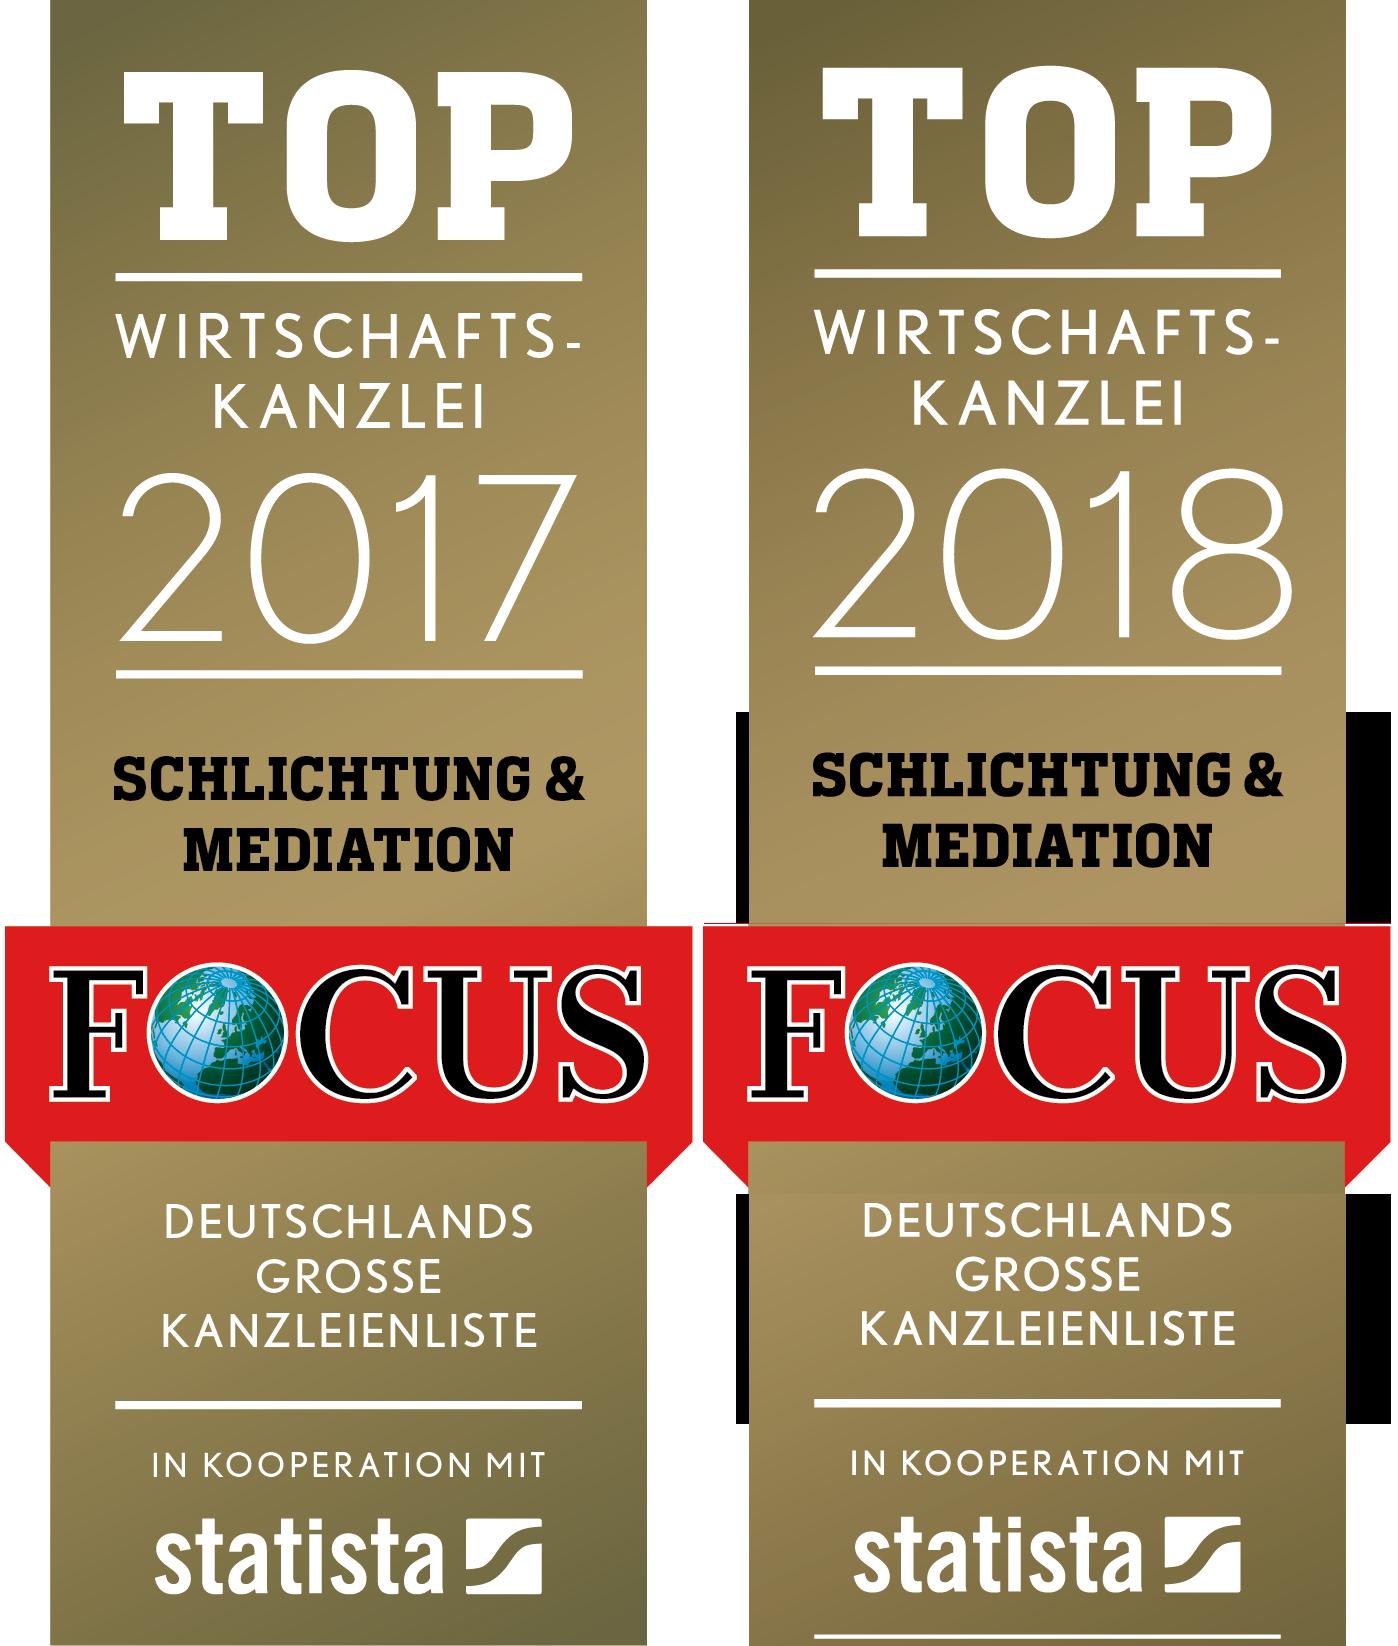 FCS TOP Wirtschaftskanzlei 2017 und 2018 Schlichtung und Mediation - mehr Informationen